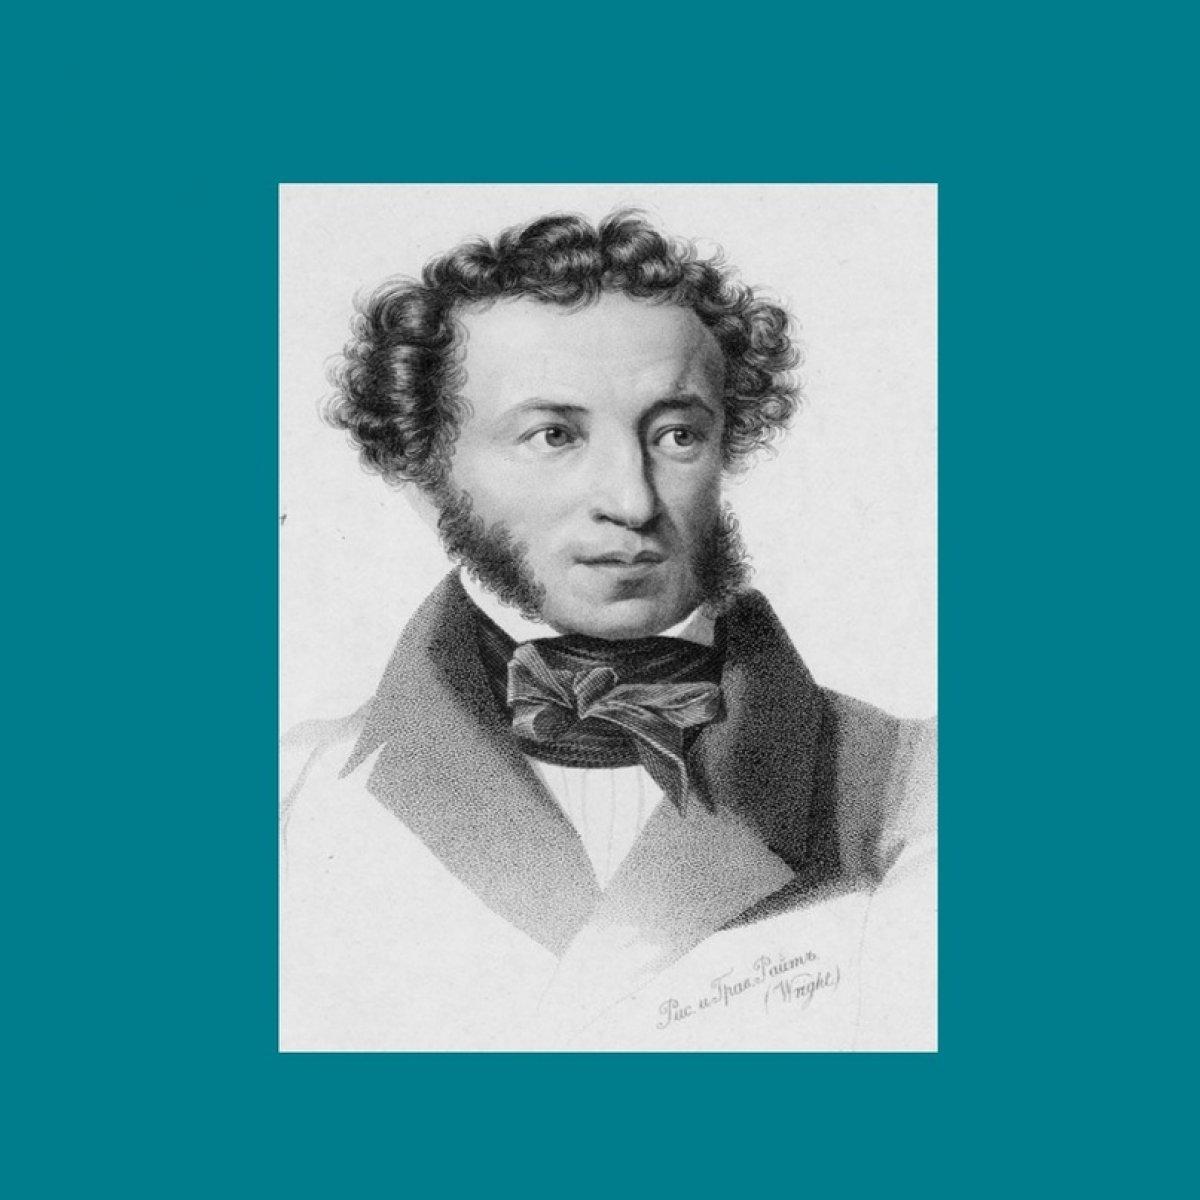 В этом году исполняется 221 год со дня рождения Александра Сергеевича Пушкина